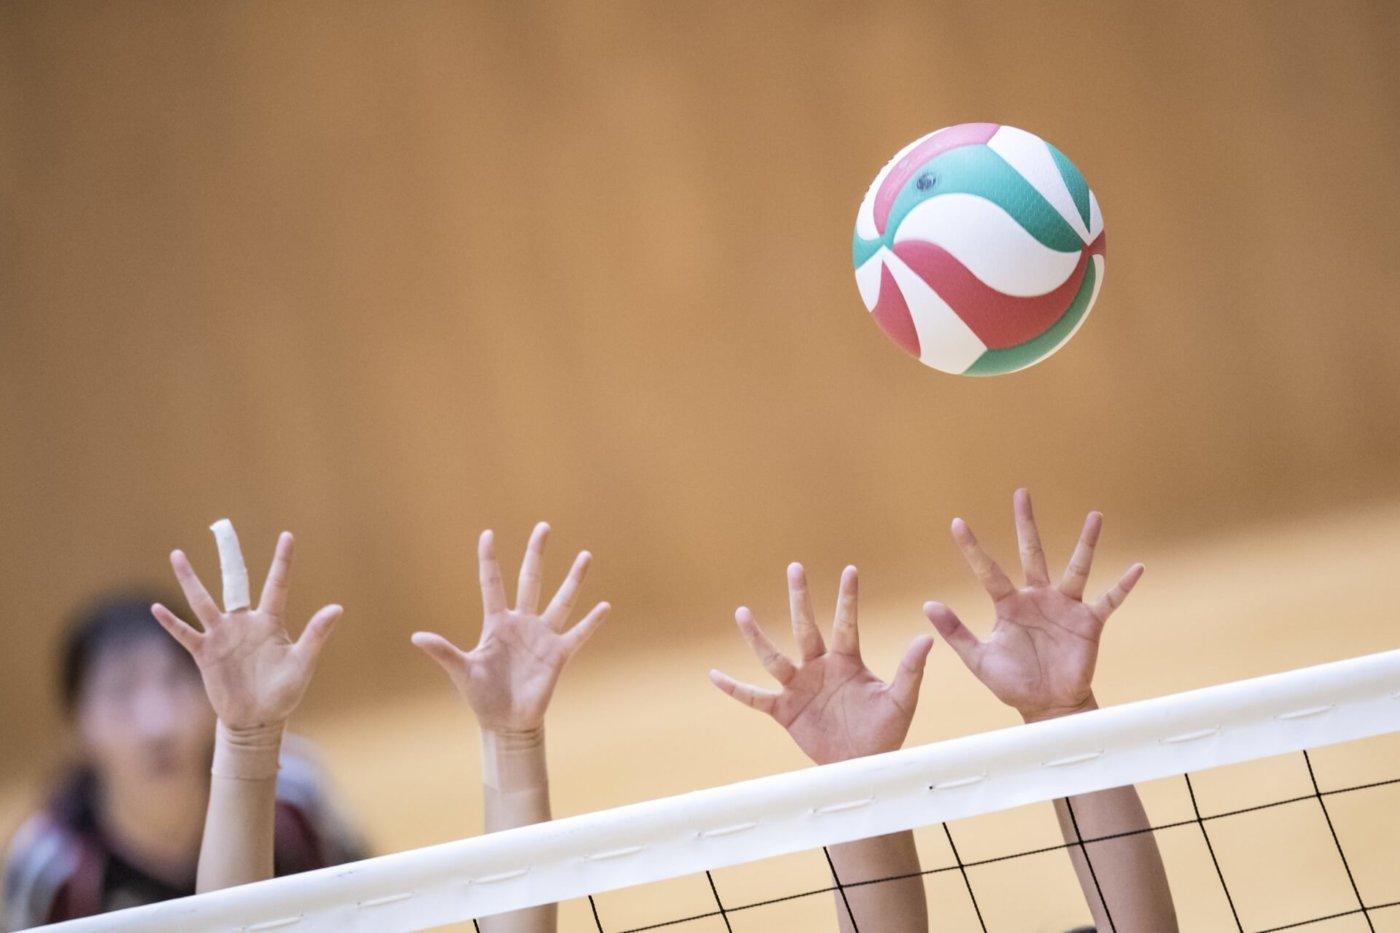 日本人に愛されるスポーツバレーボール!気になる日本代表の実力は?